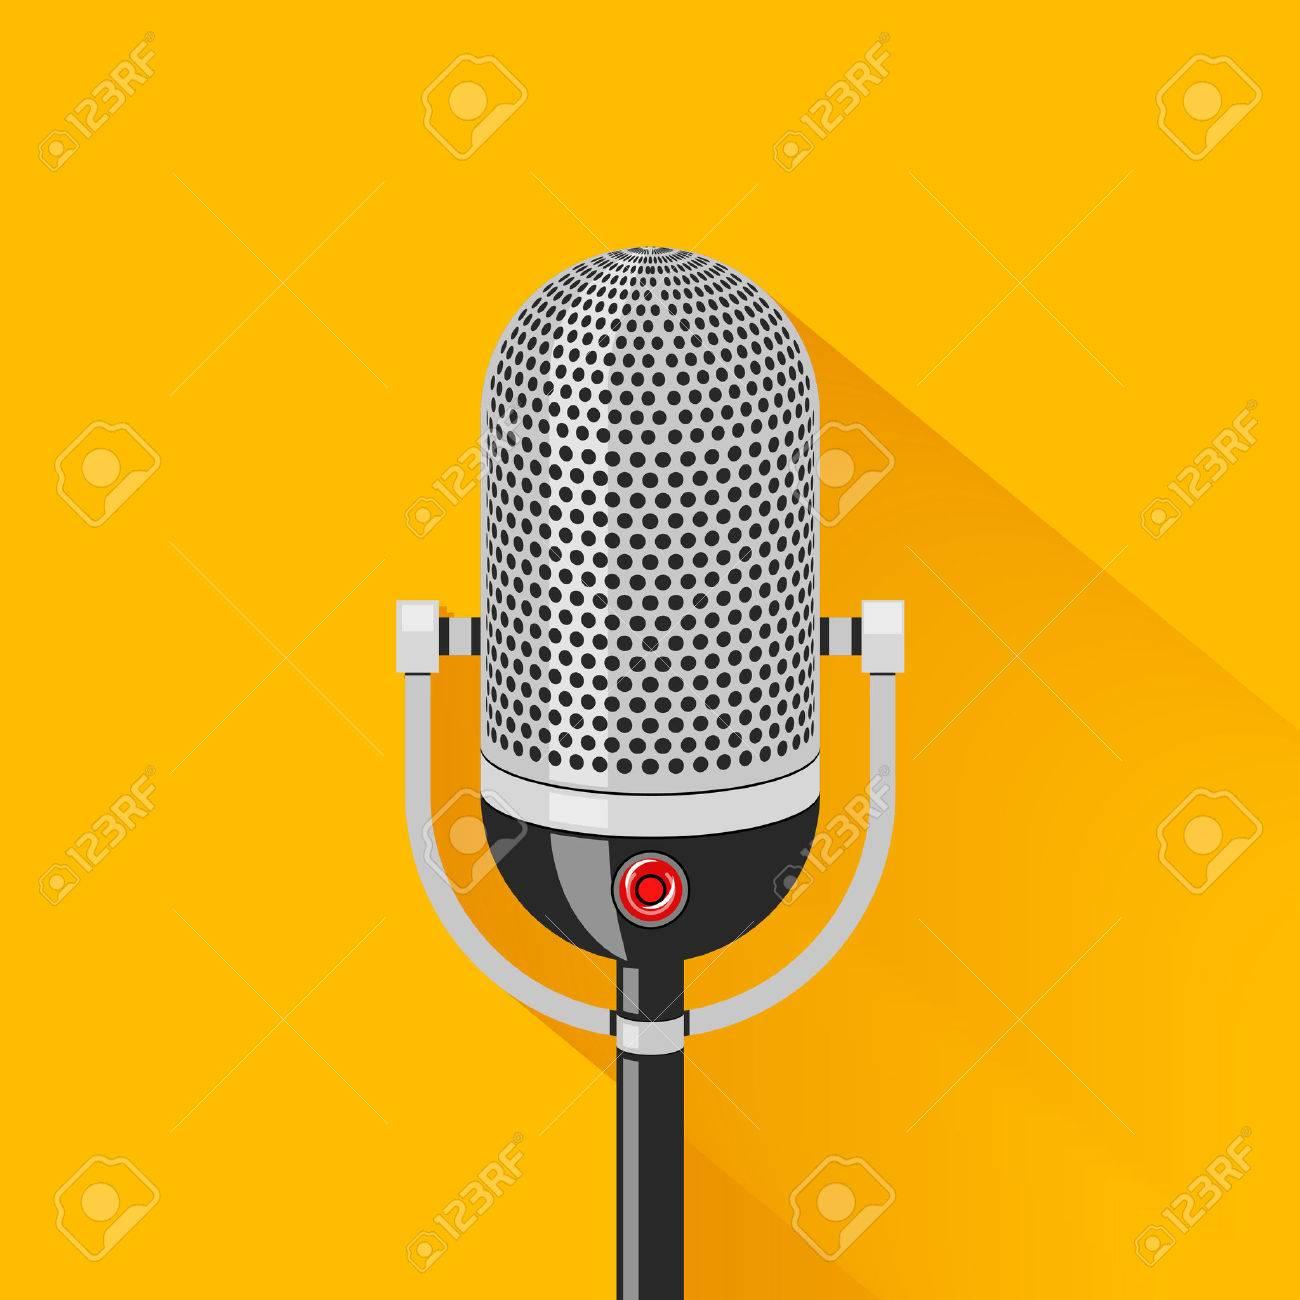 43675816-rétro-silhouette-du-microphone-de-scène-studio-voix-karaoké-et-de-divertissement-vieux-micro-classique-équip.jpg